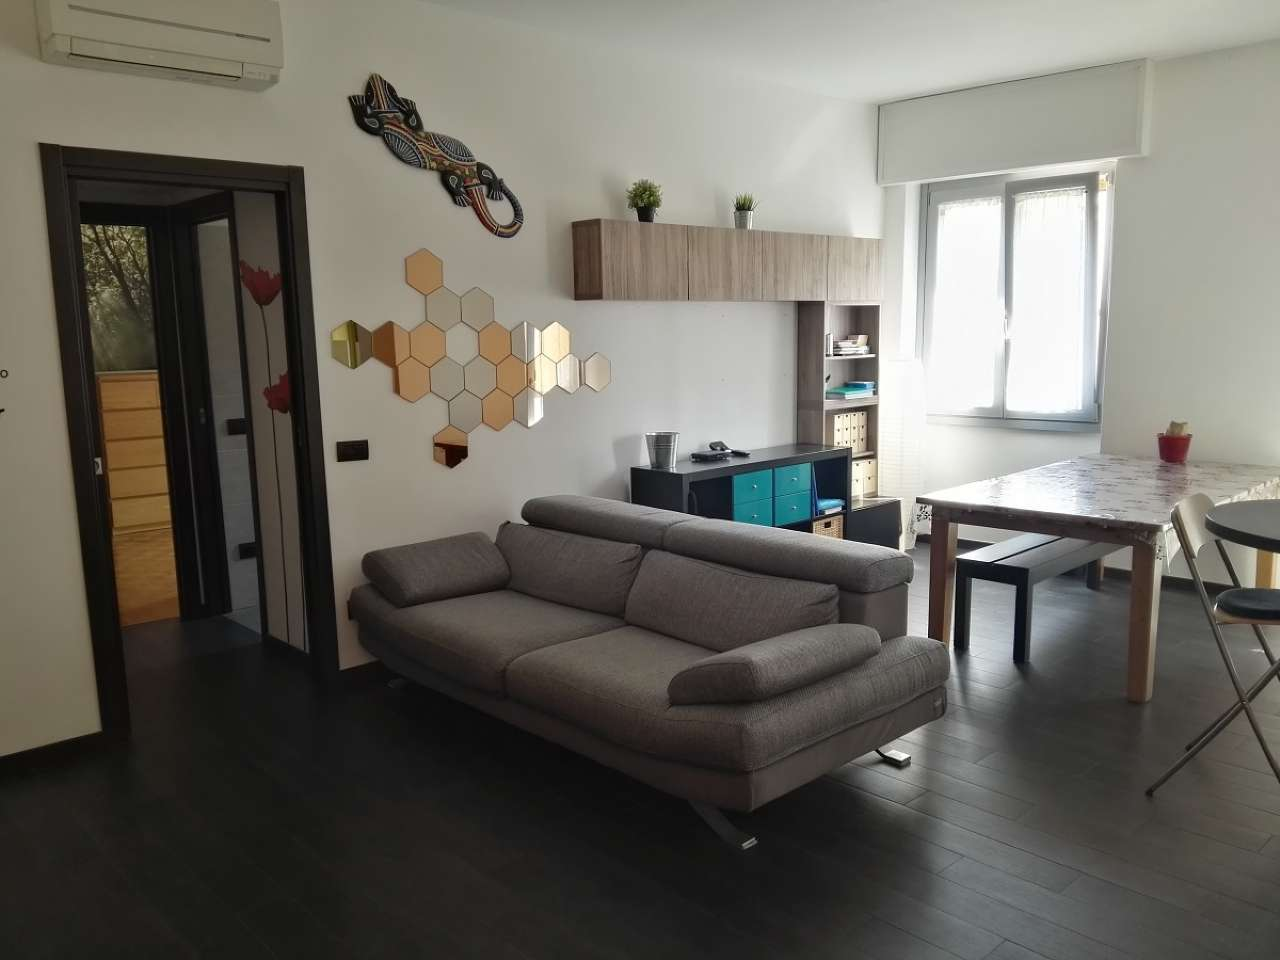 Appartamento in vendita a Bresso, 2 locali, prezzo € 160.000 | CambioCasa.it